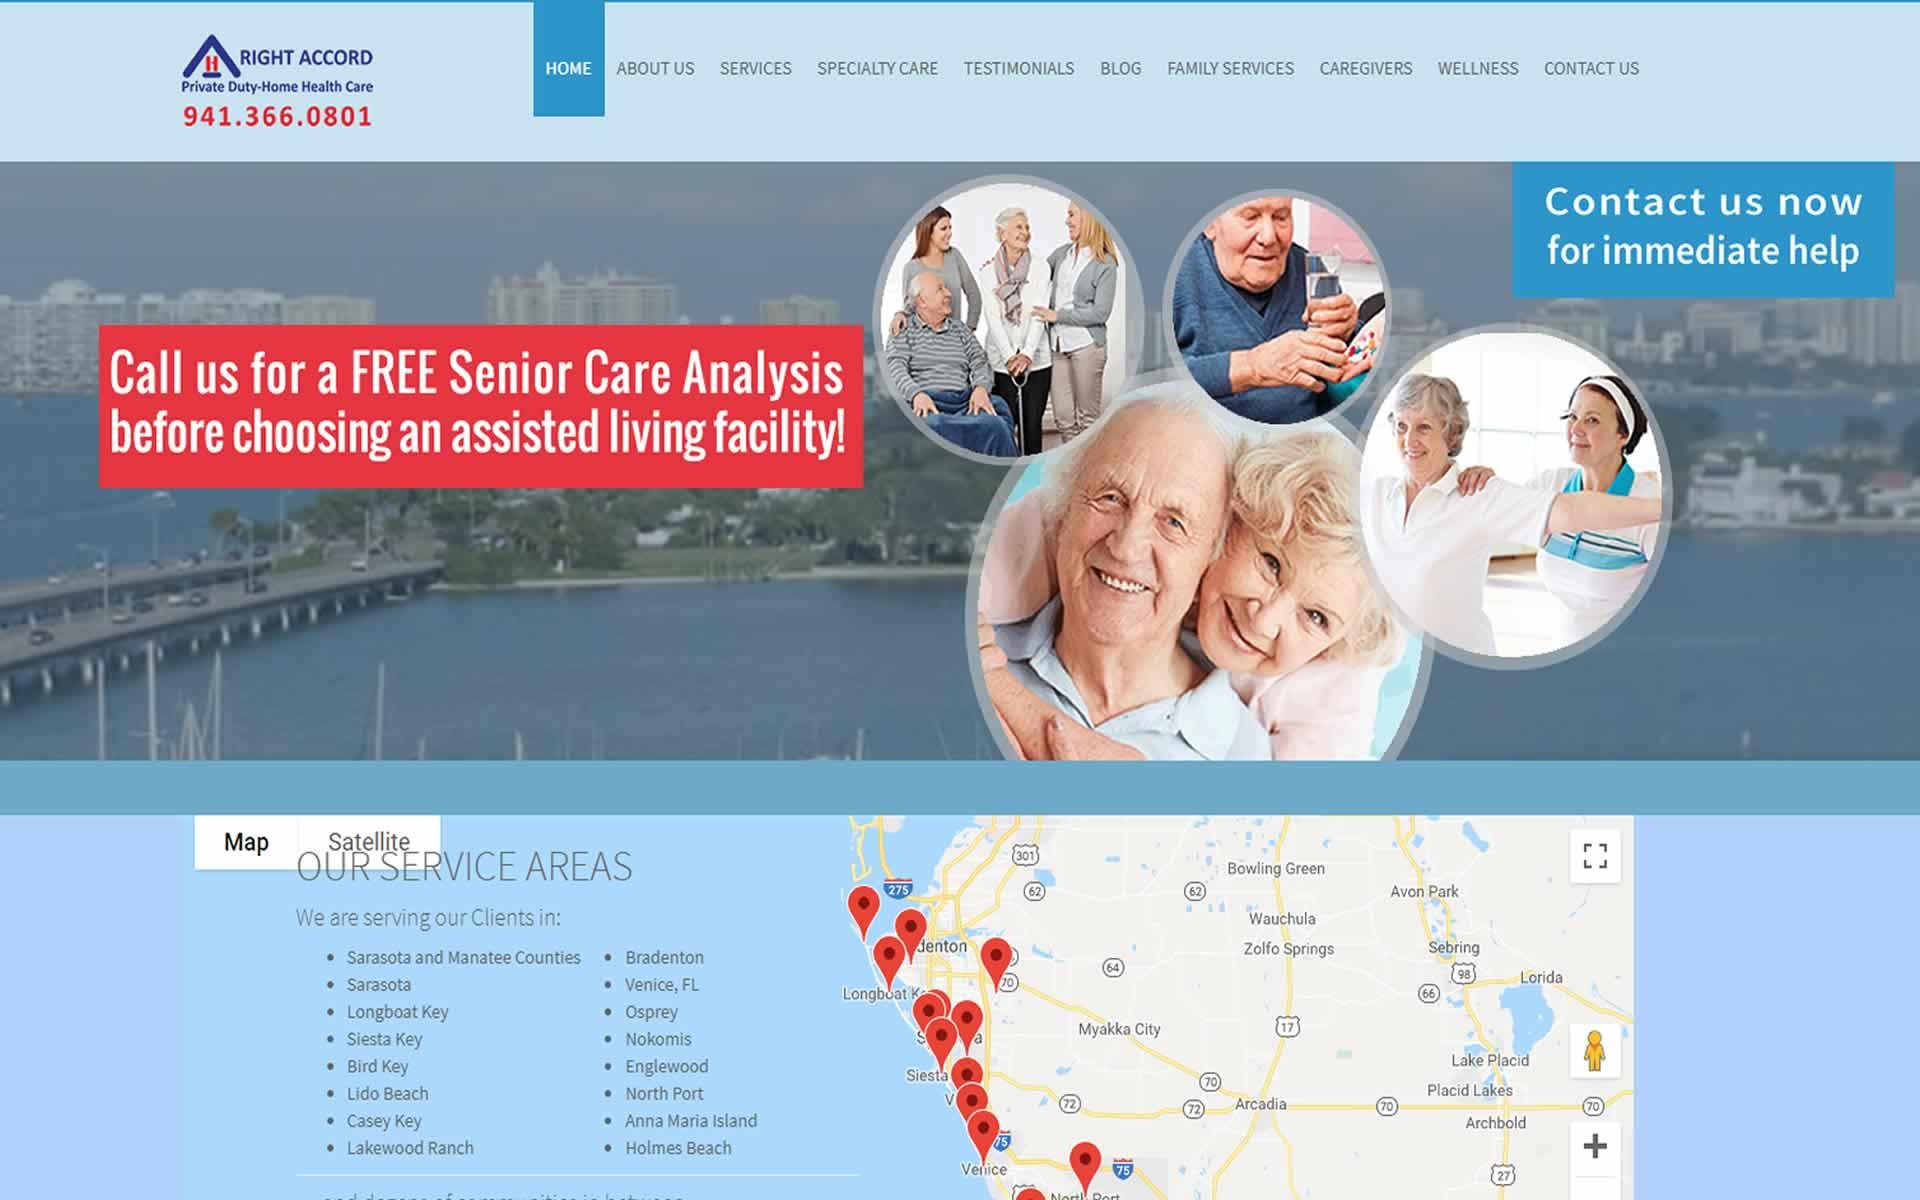 Right Accord Home Health Care